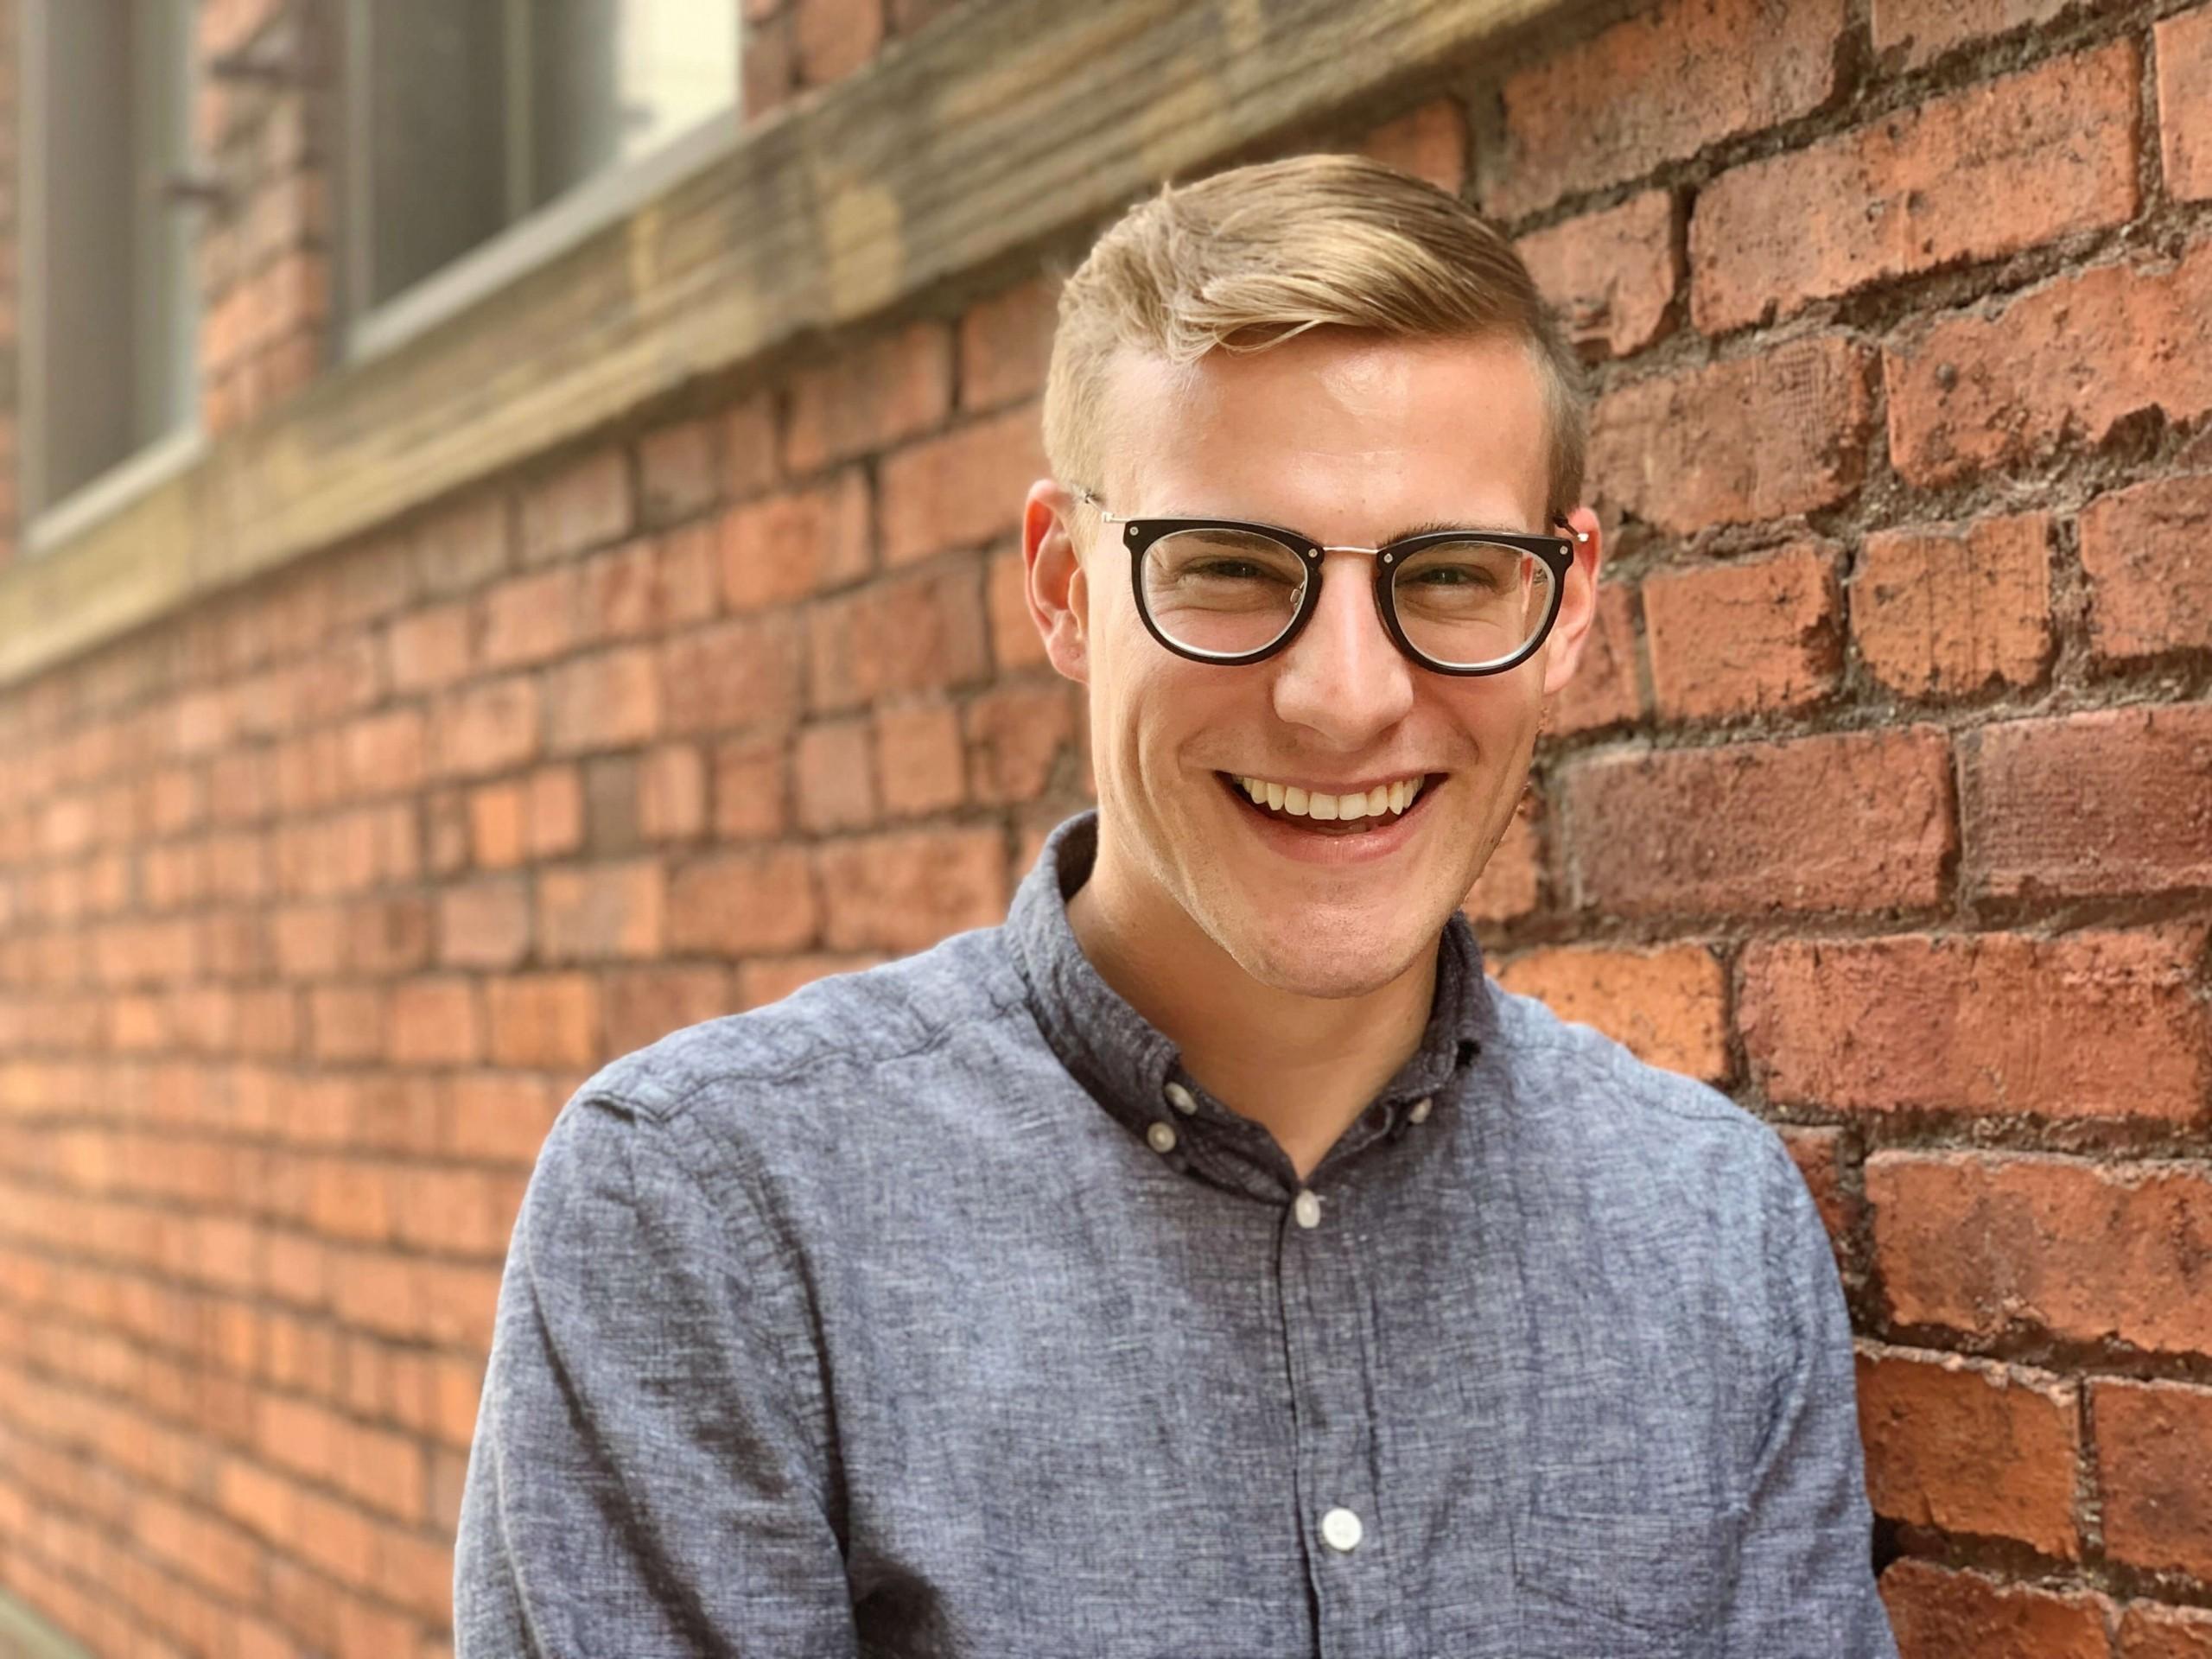 Ryan-Jacobs-alumni